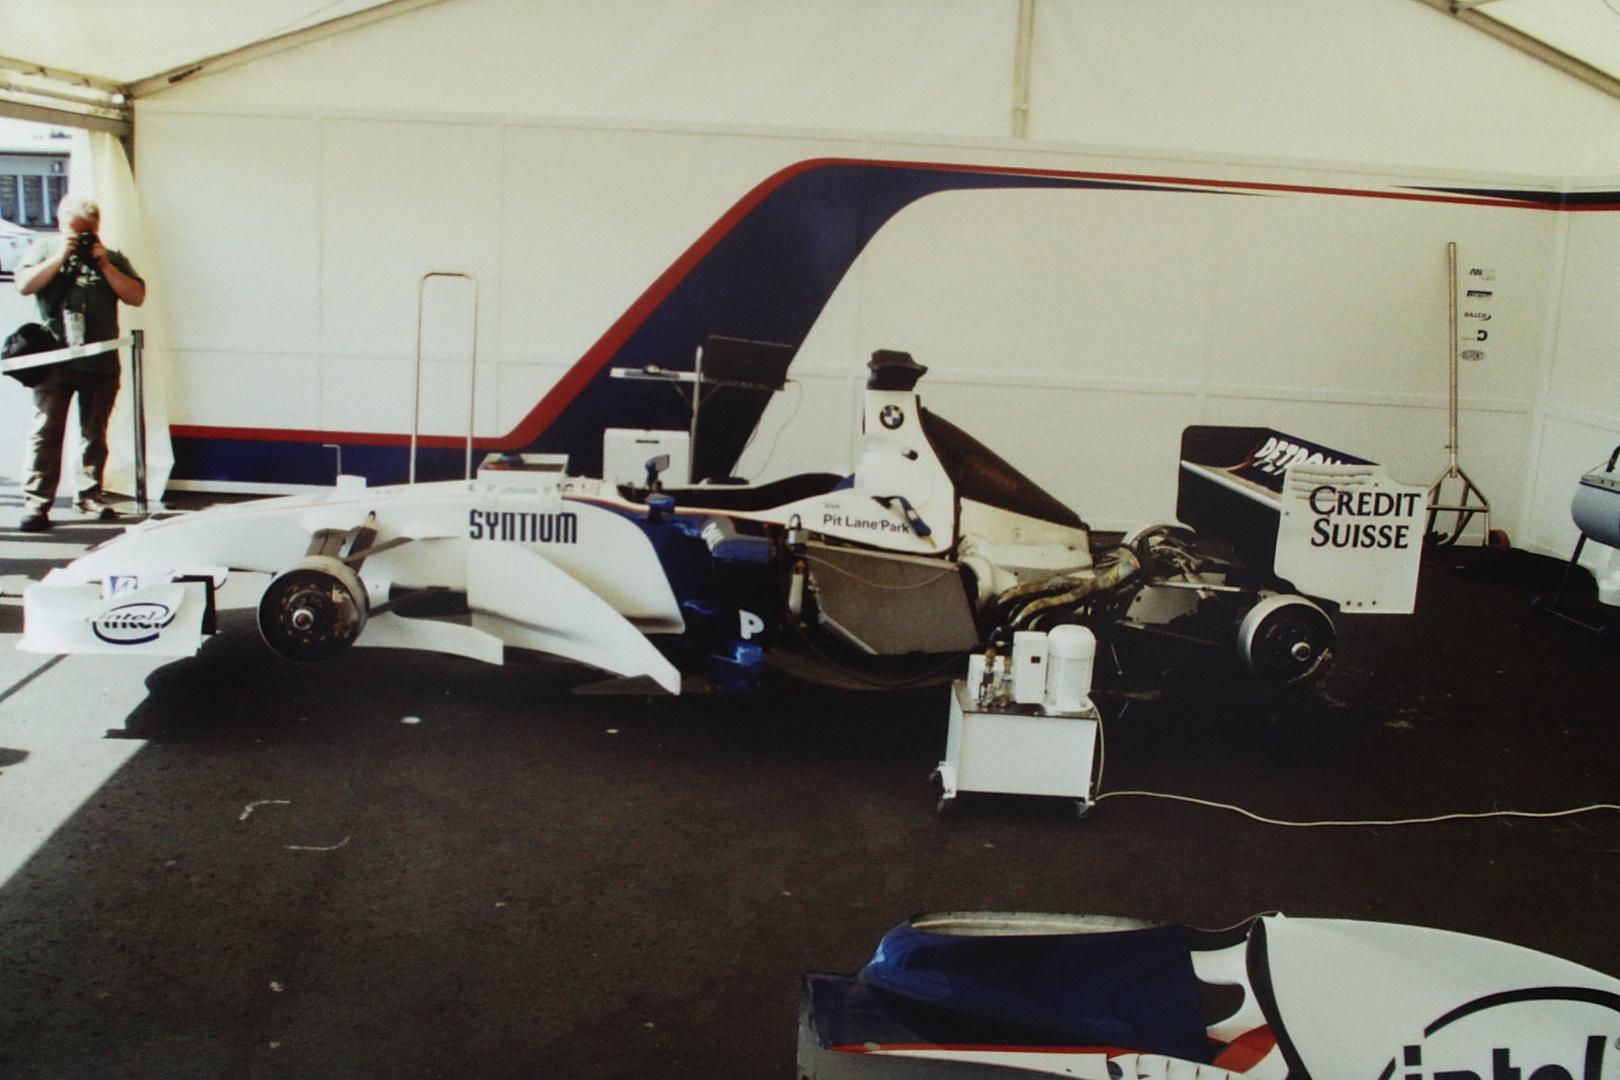 Der Sauber BMW Formel 1 Rennwagen ...